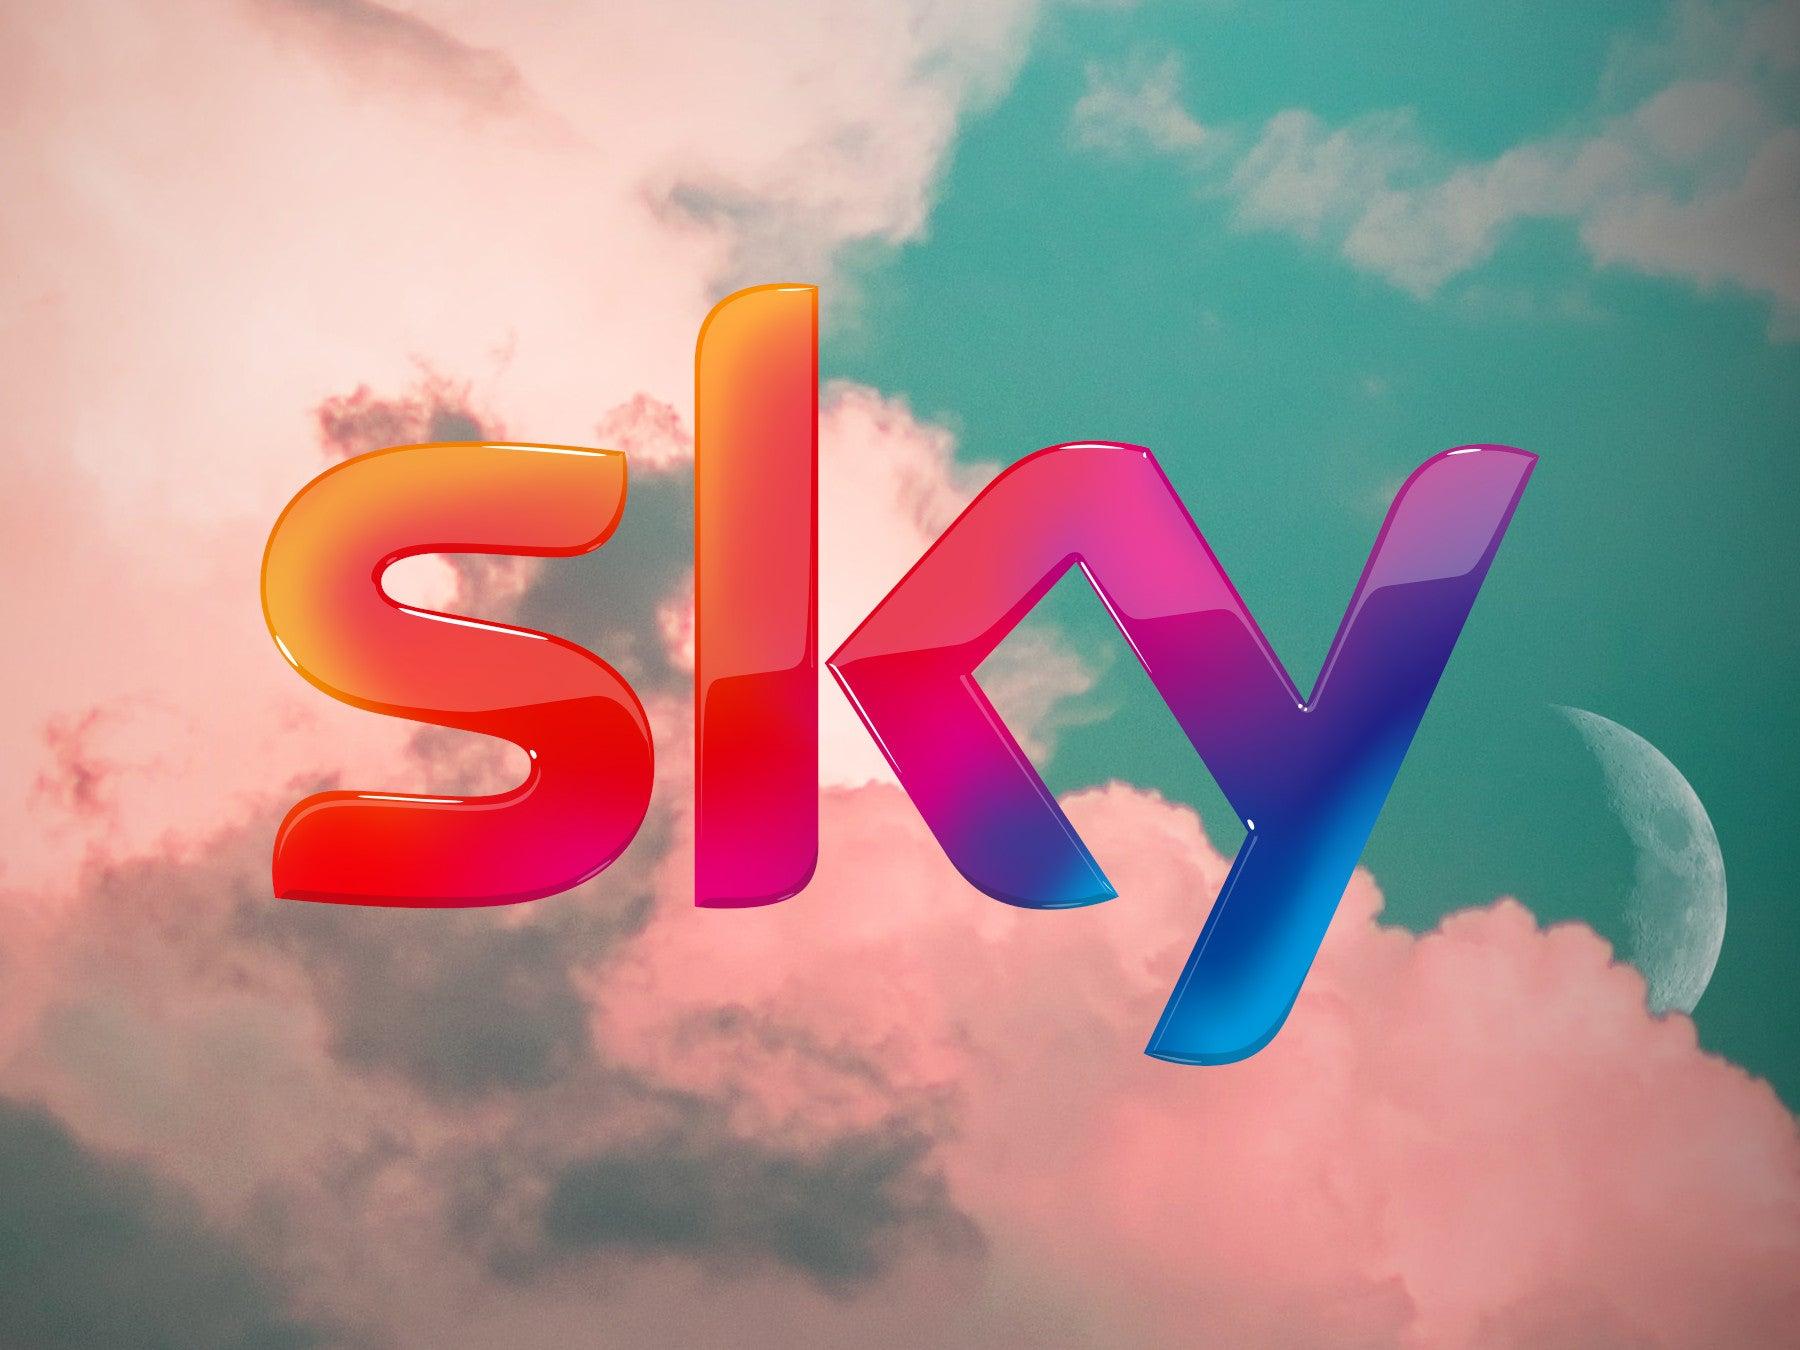 Sky De Kontakt Kündigung